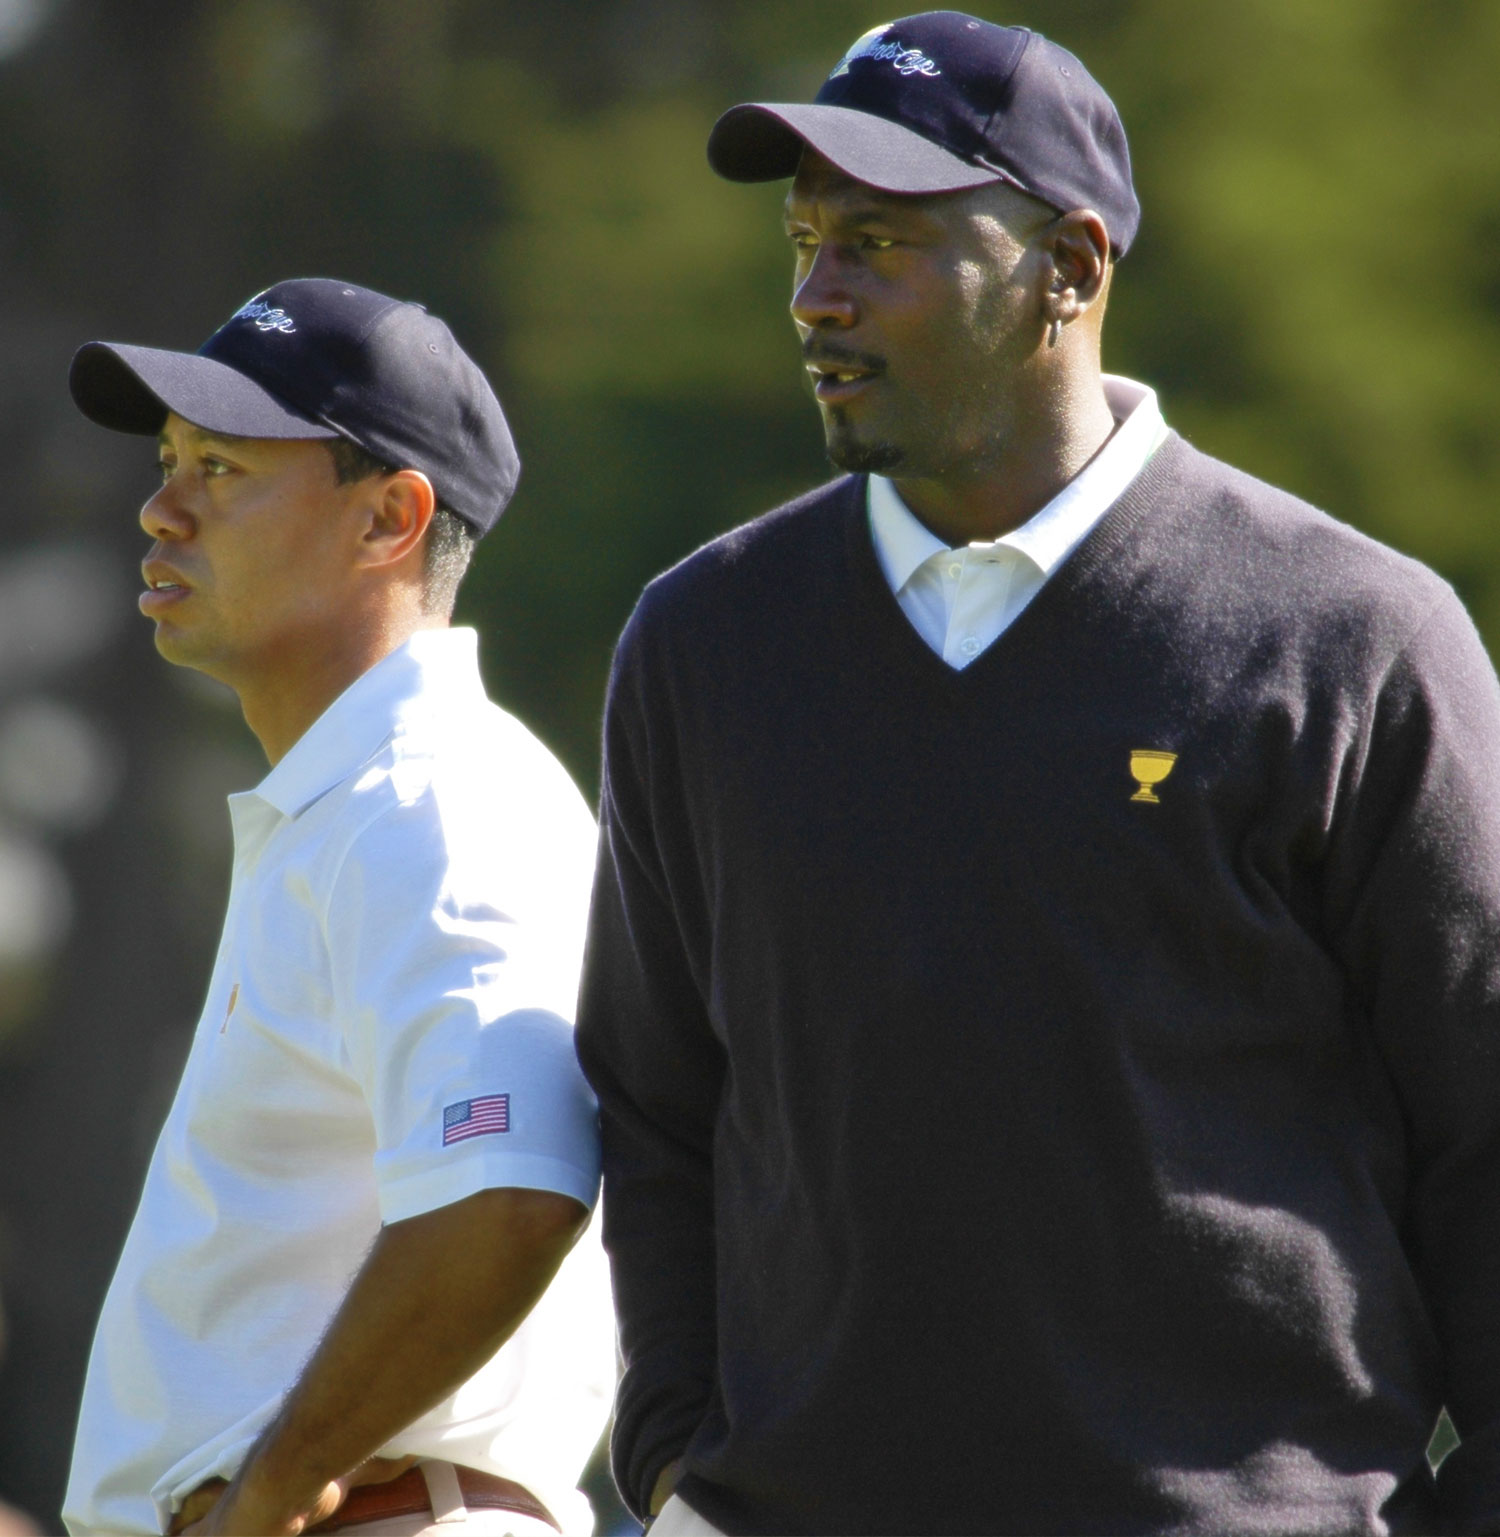 Michael Jordan and Tiger Woods